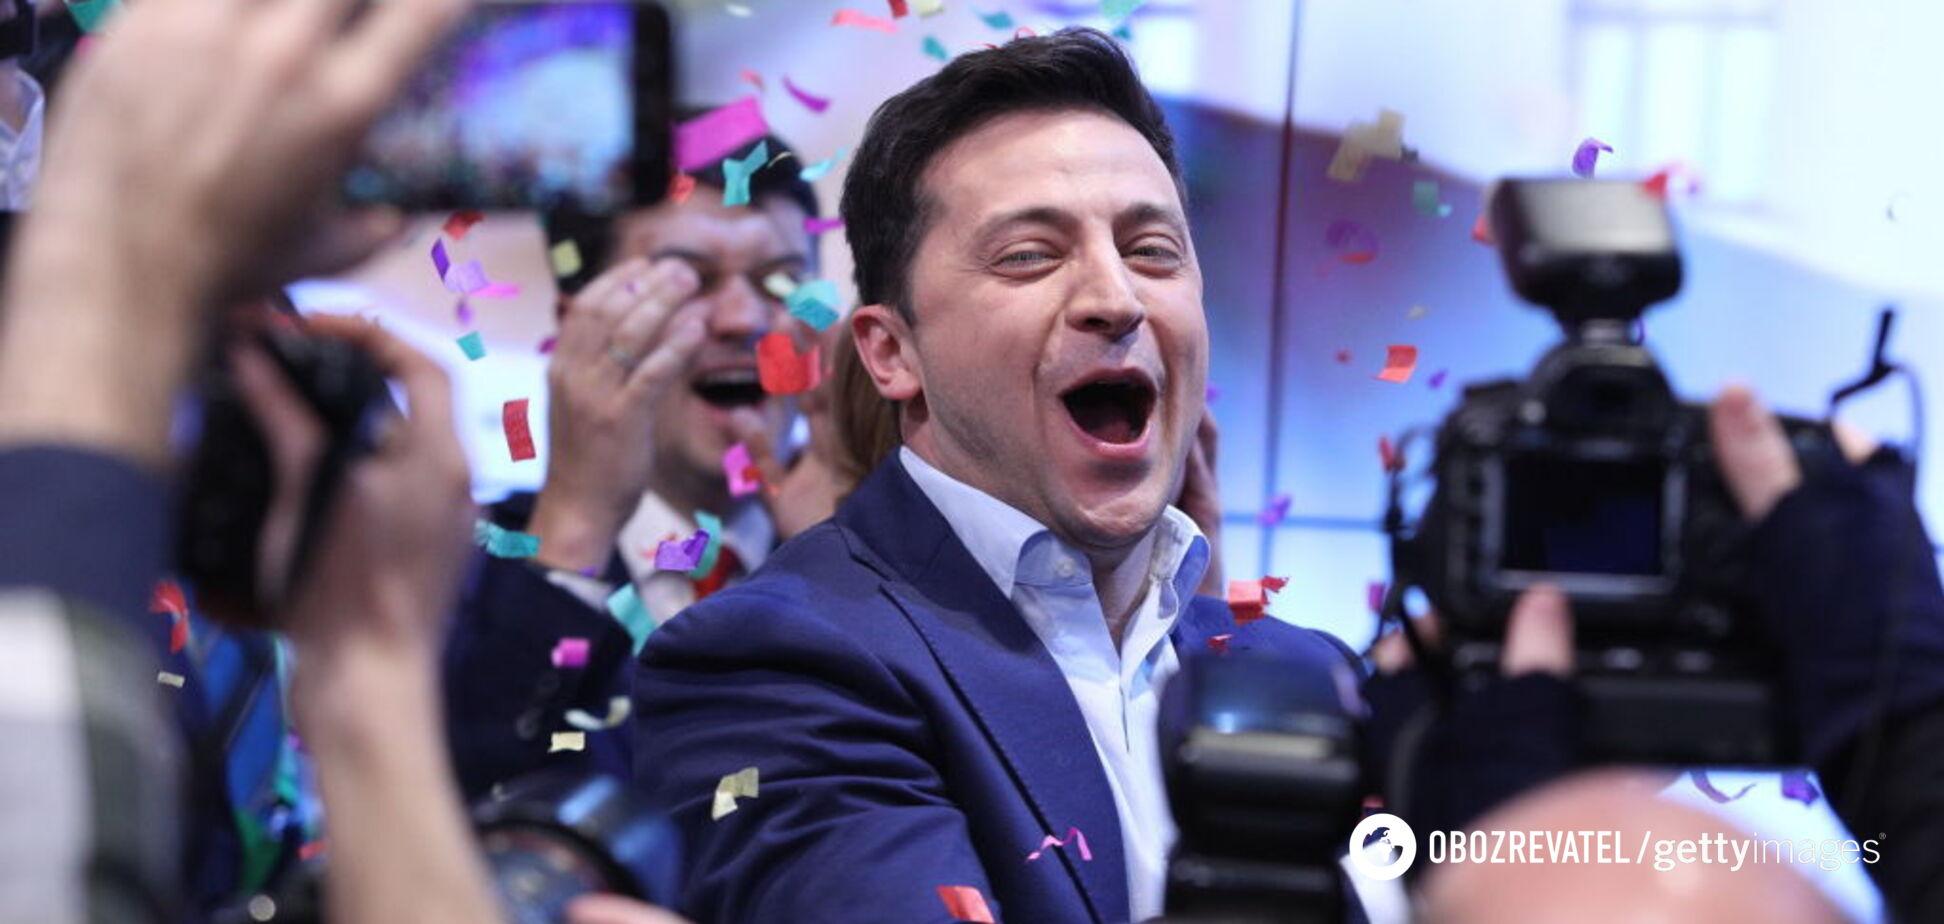 Соціолог пояснила феноменальний успіх Зеленського на виборах